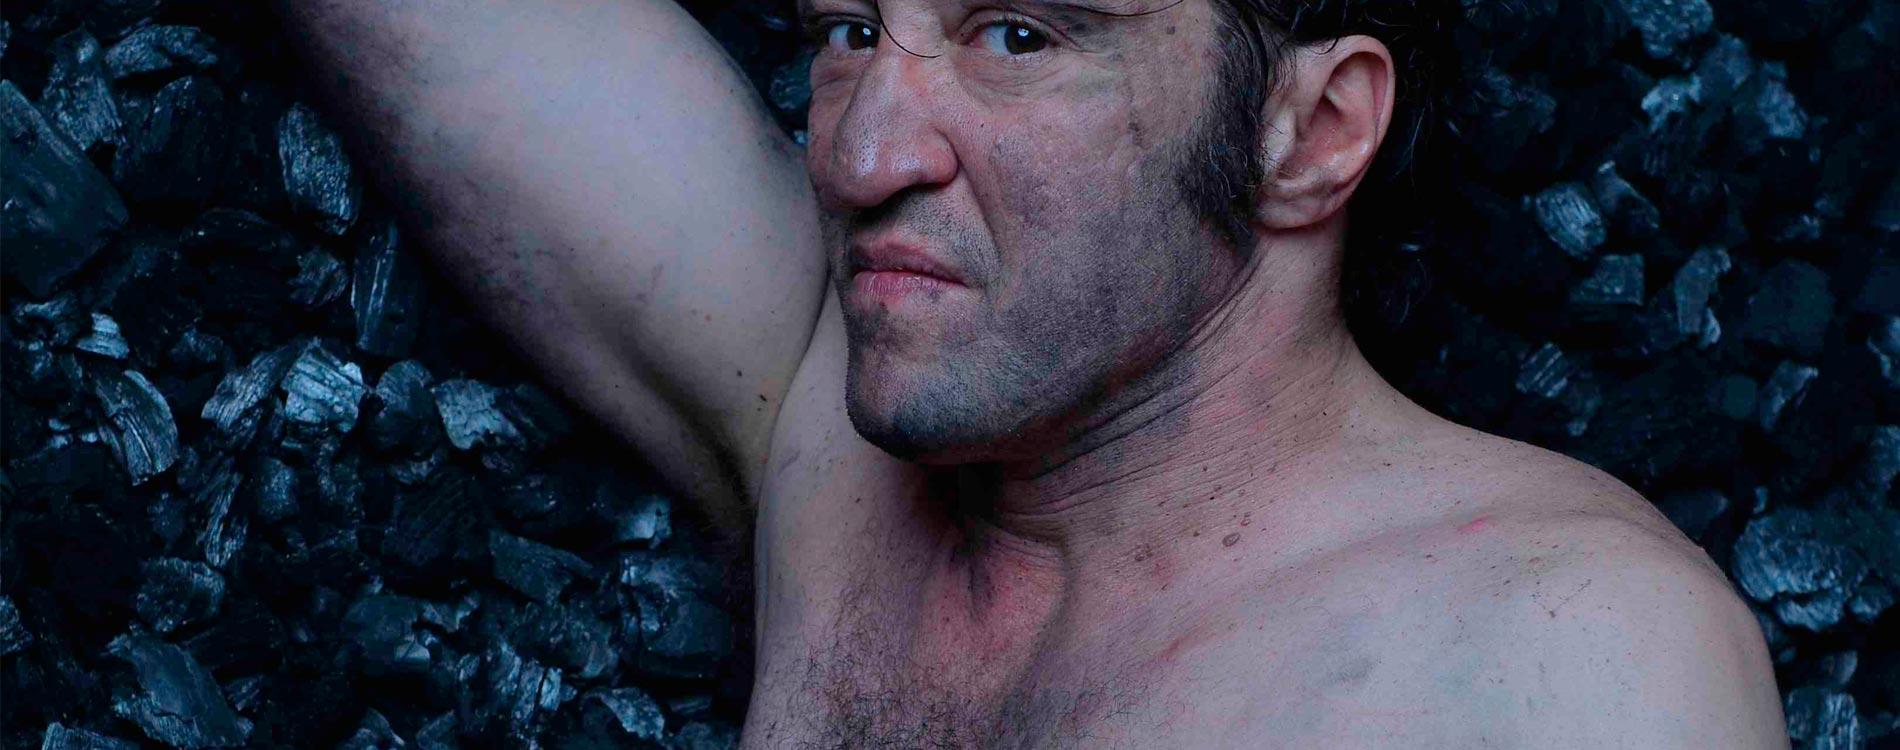 Alex Selmane le visage charbonné et le souffle fort. Photo dr